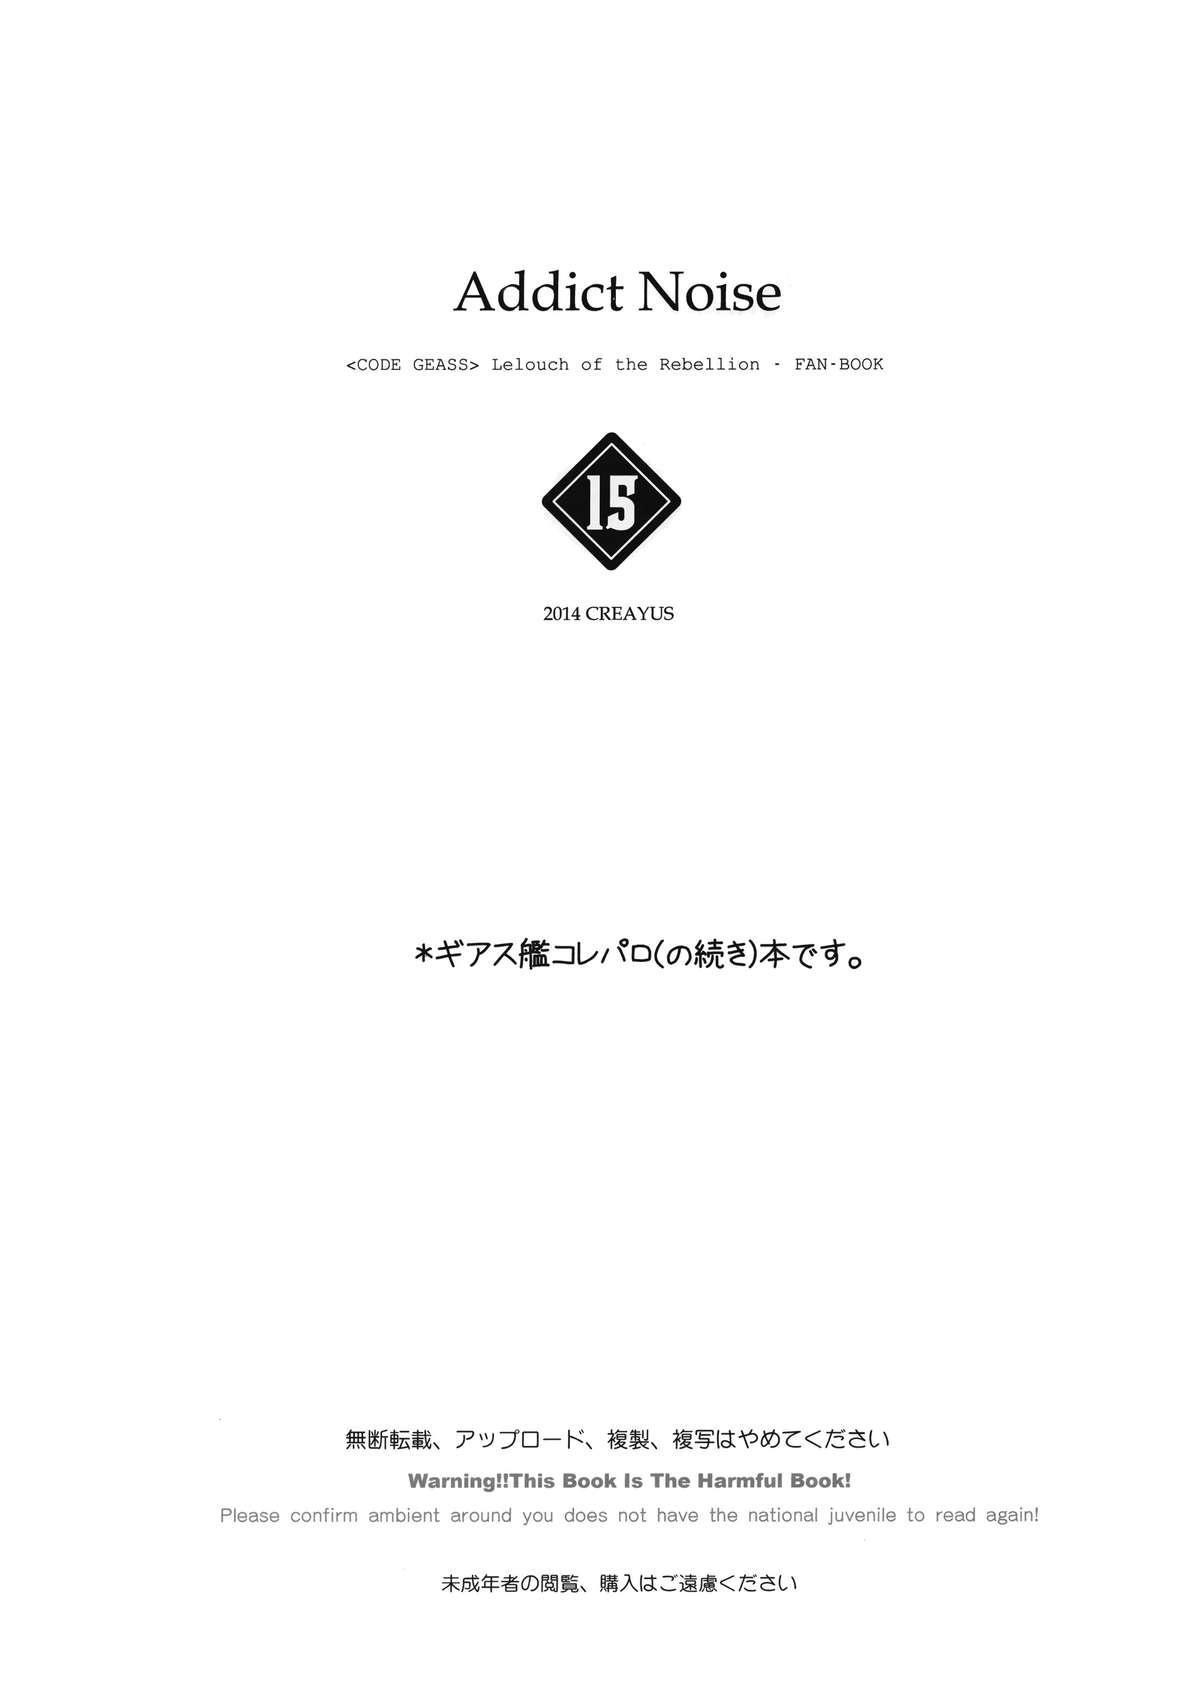 ADDICT NOISE 5